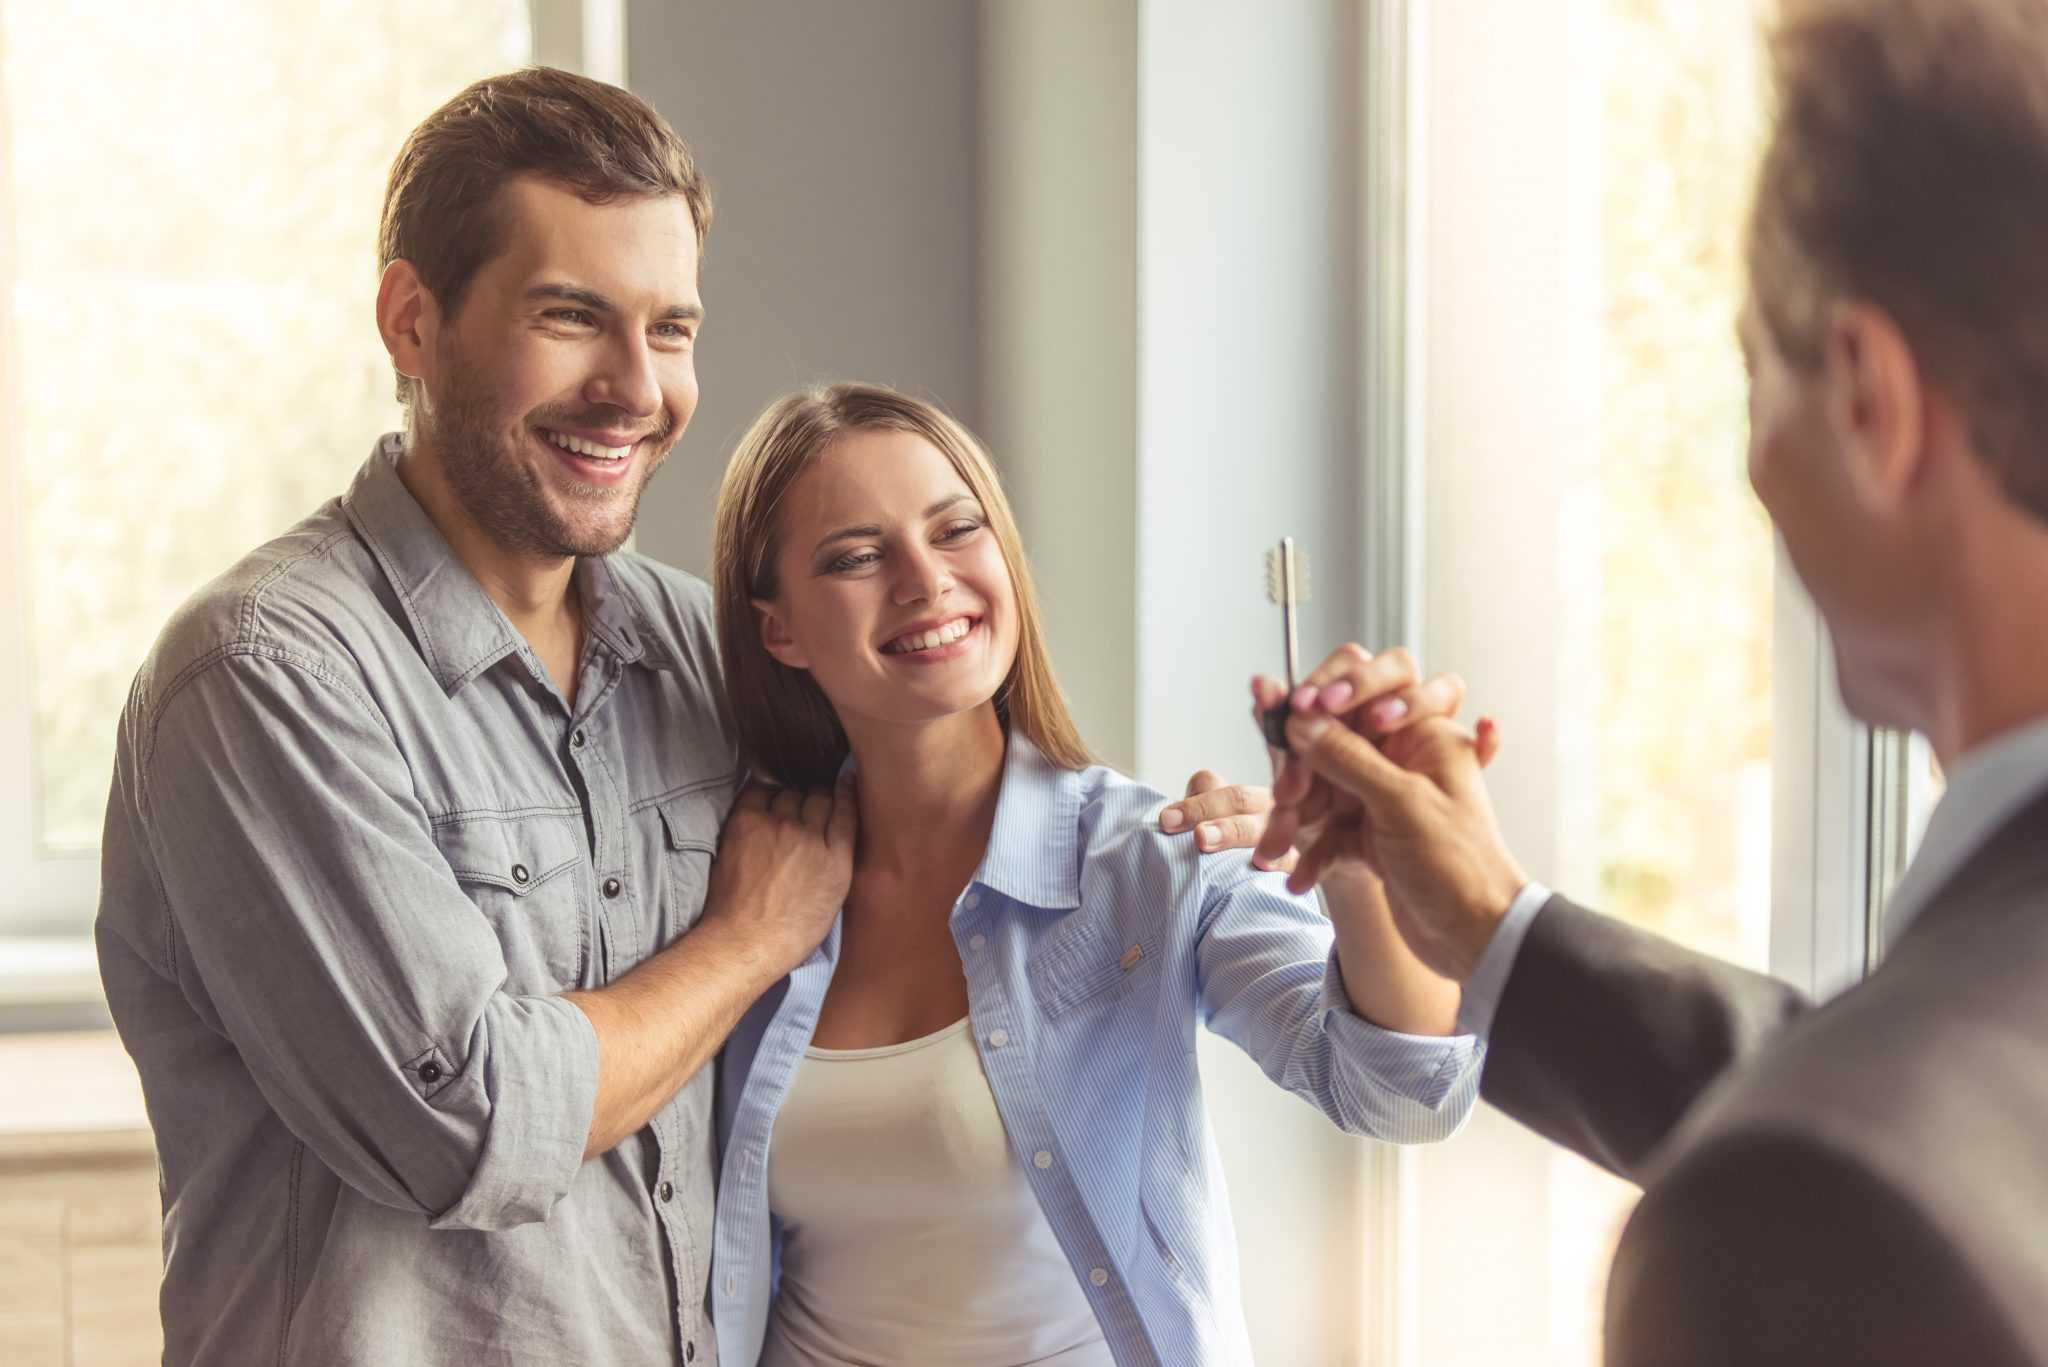 Советы по покупке обогревателя: какой обогреватель лучше выбрать для дома, плюсы и минусы, отзывы